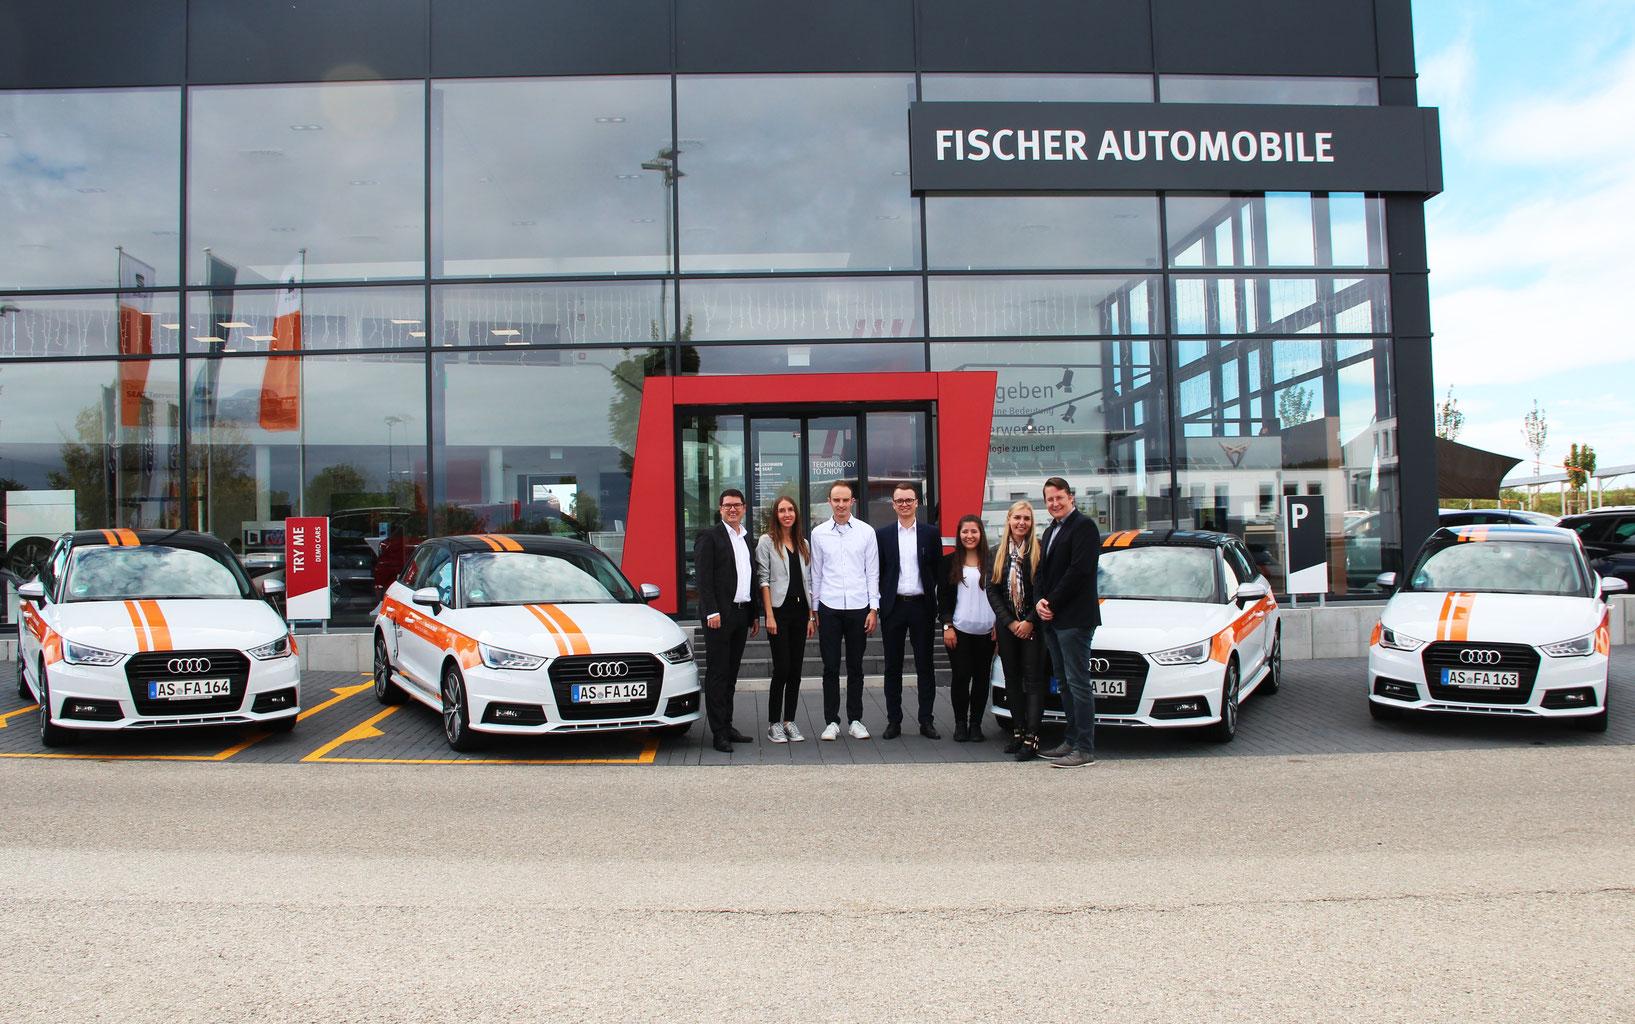 Fischer Auto Amberg